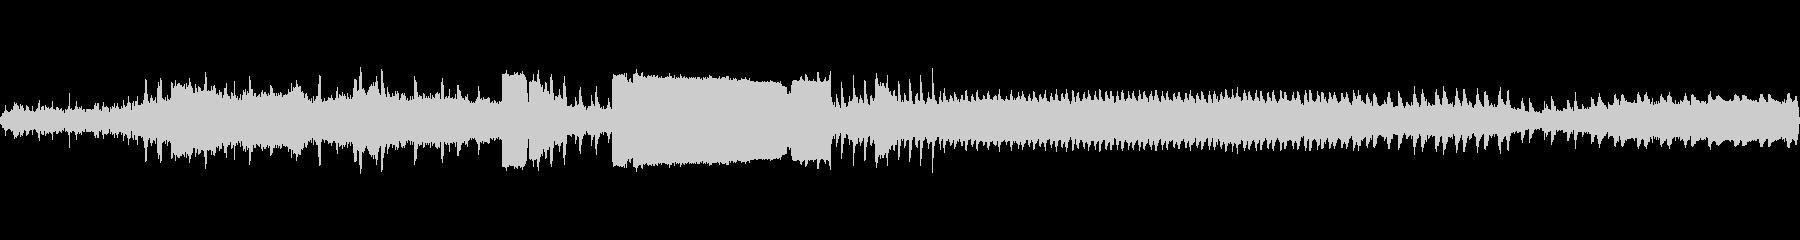 1907ボールドウィン280:プル...の未再生の波形